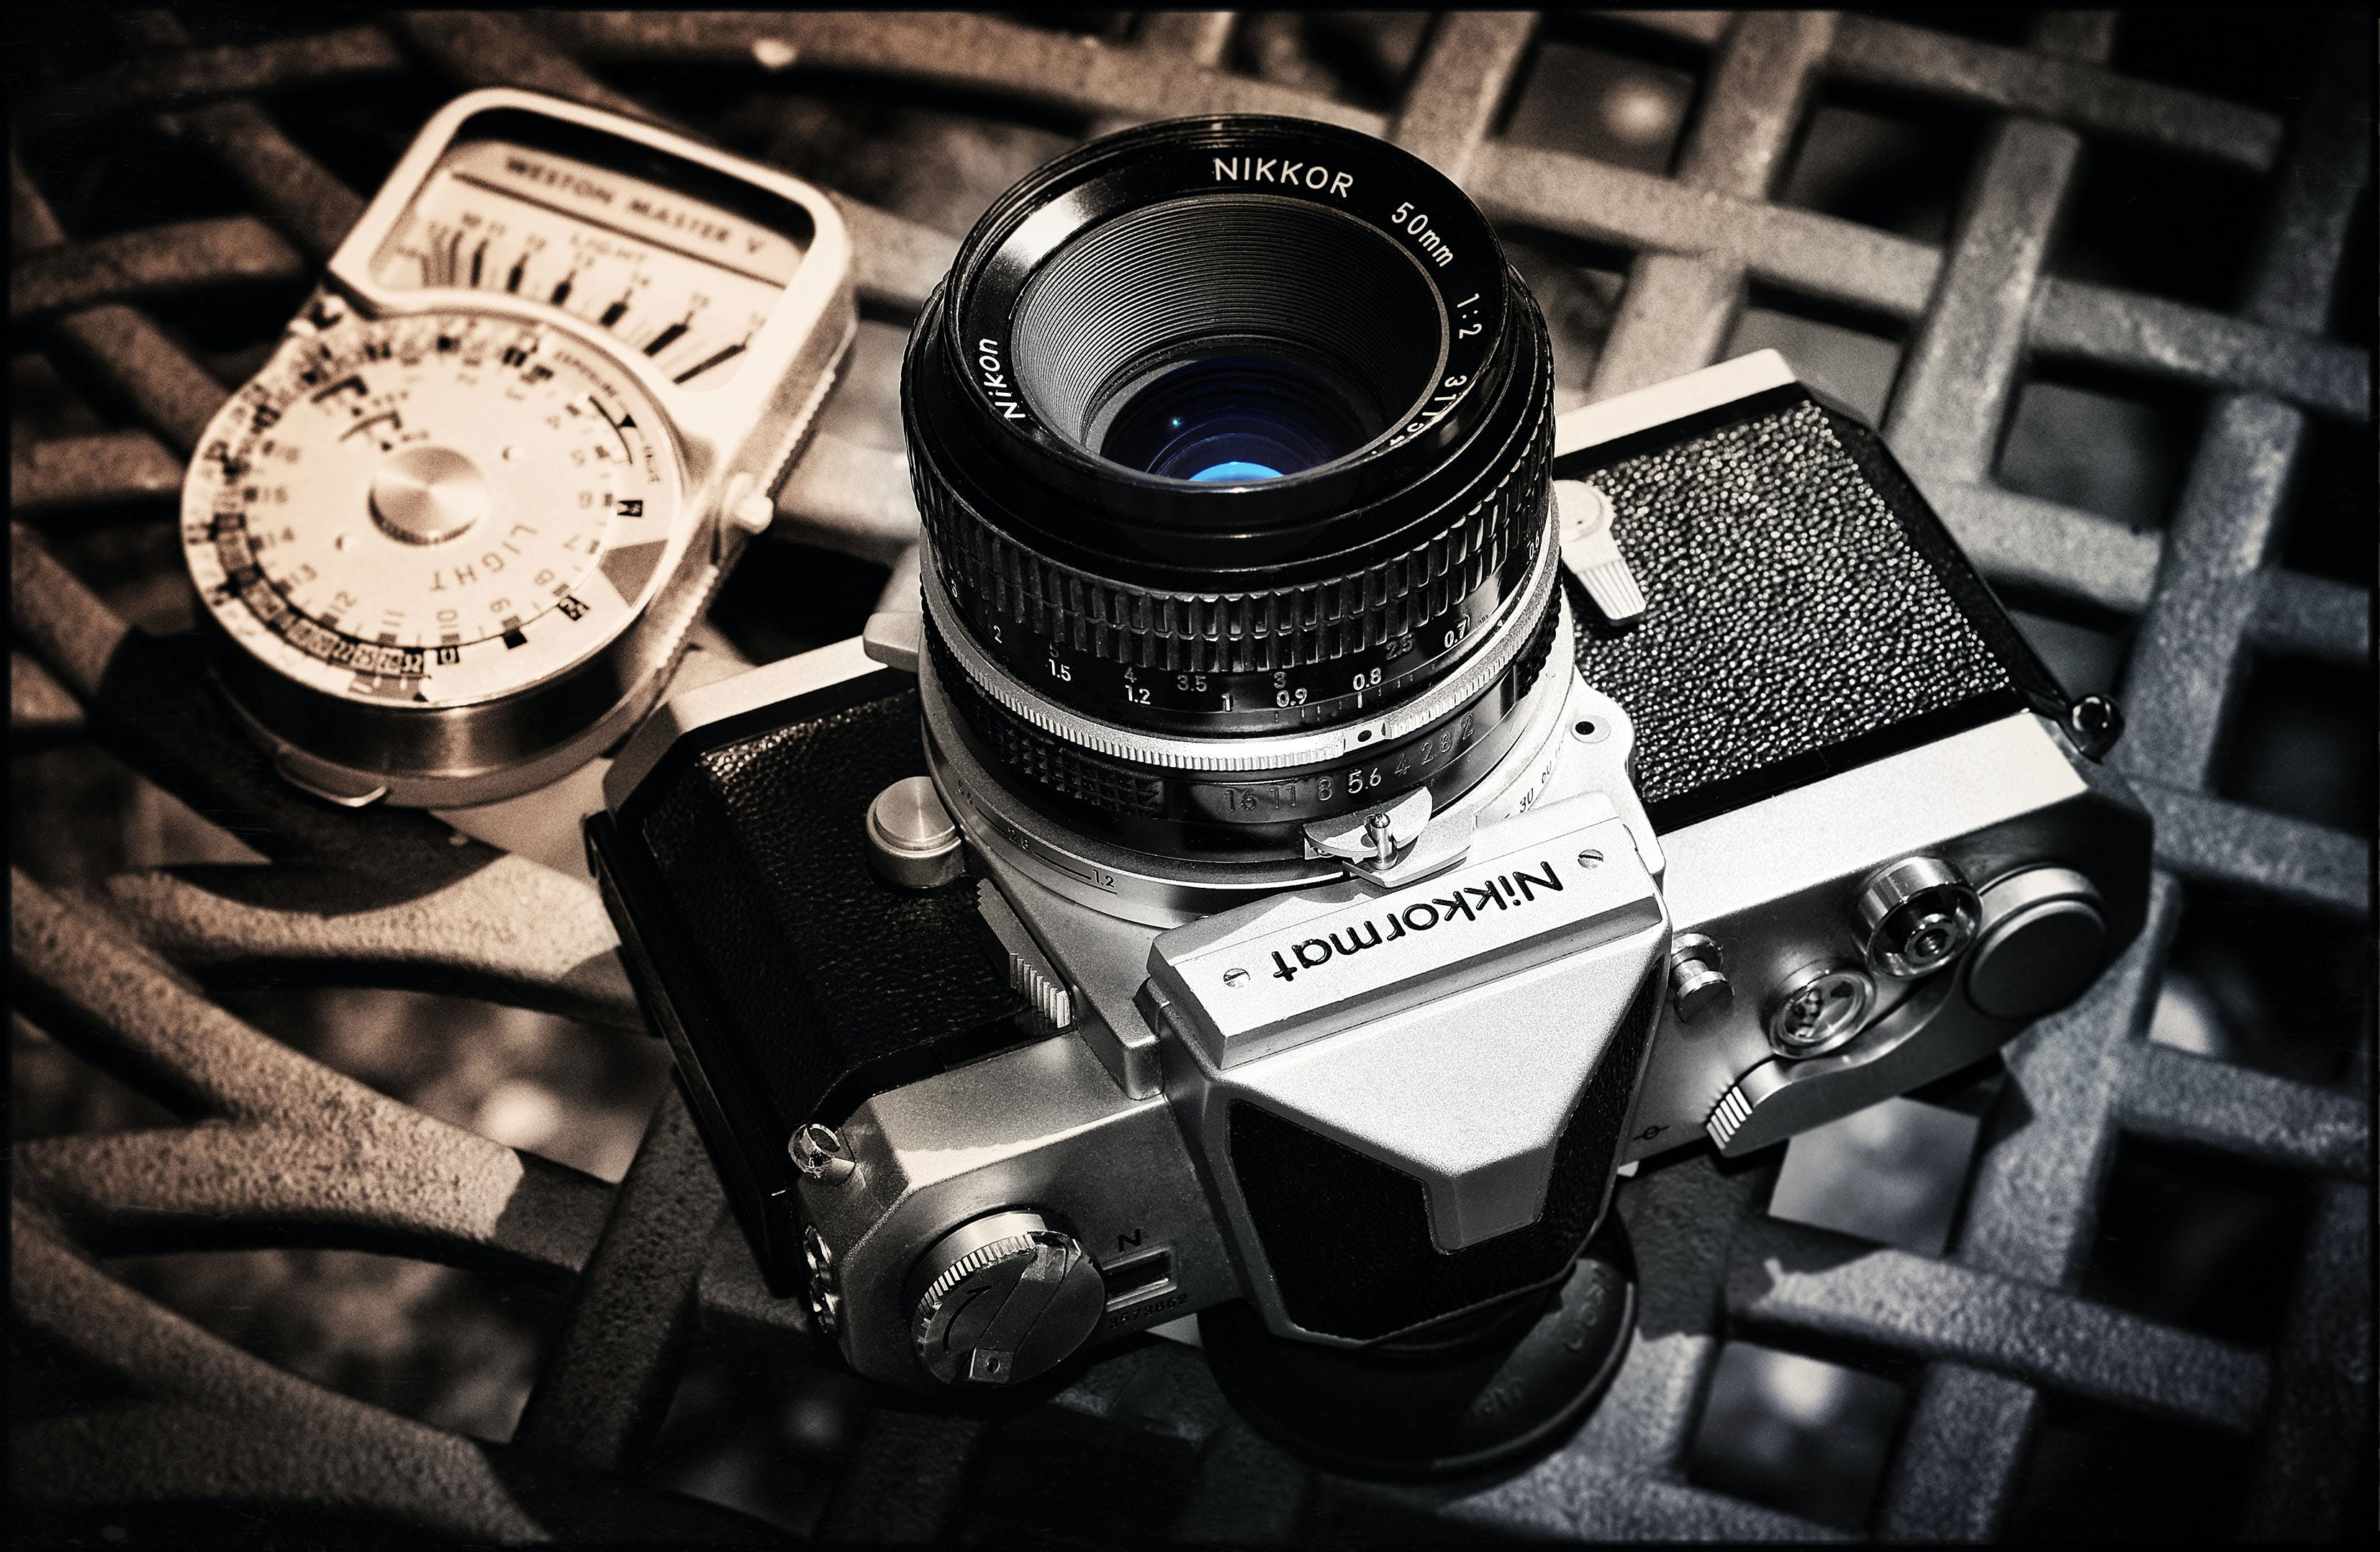 Black and Gray Nikkormat Mirrorless Camera